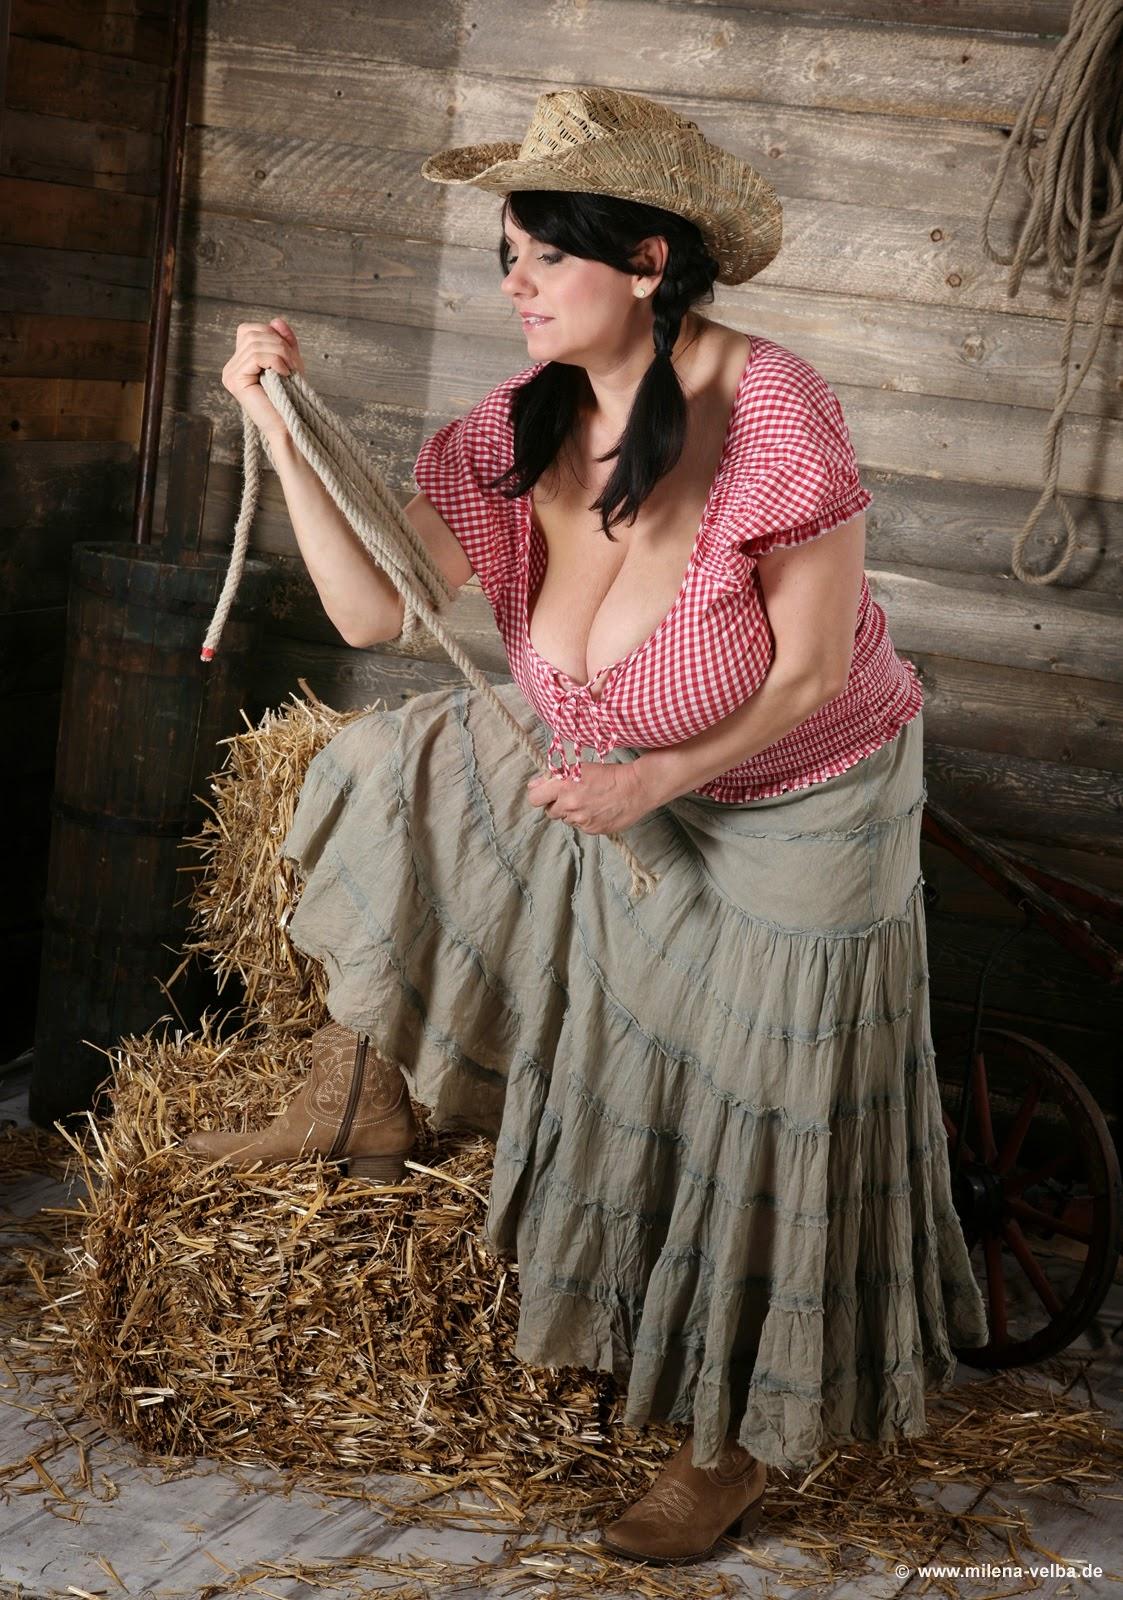 взрослые деревенская женщина с большой грудью потому что манге